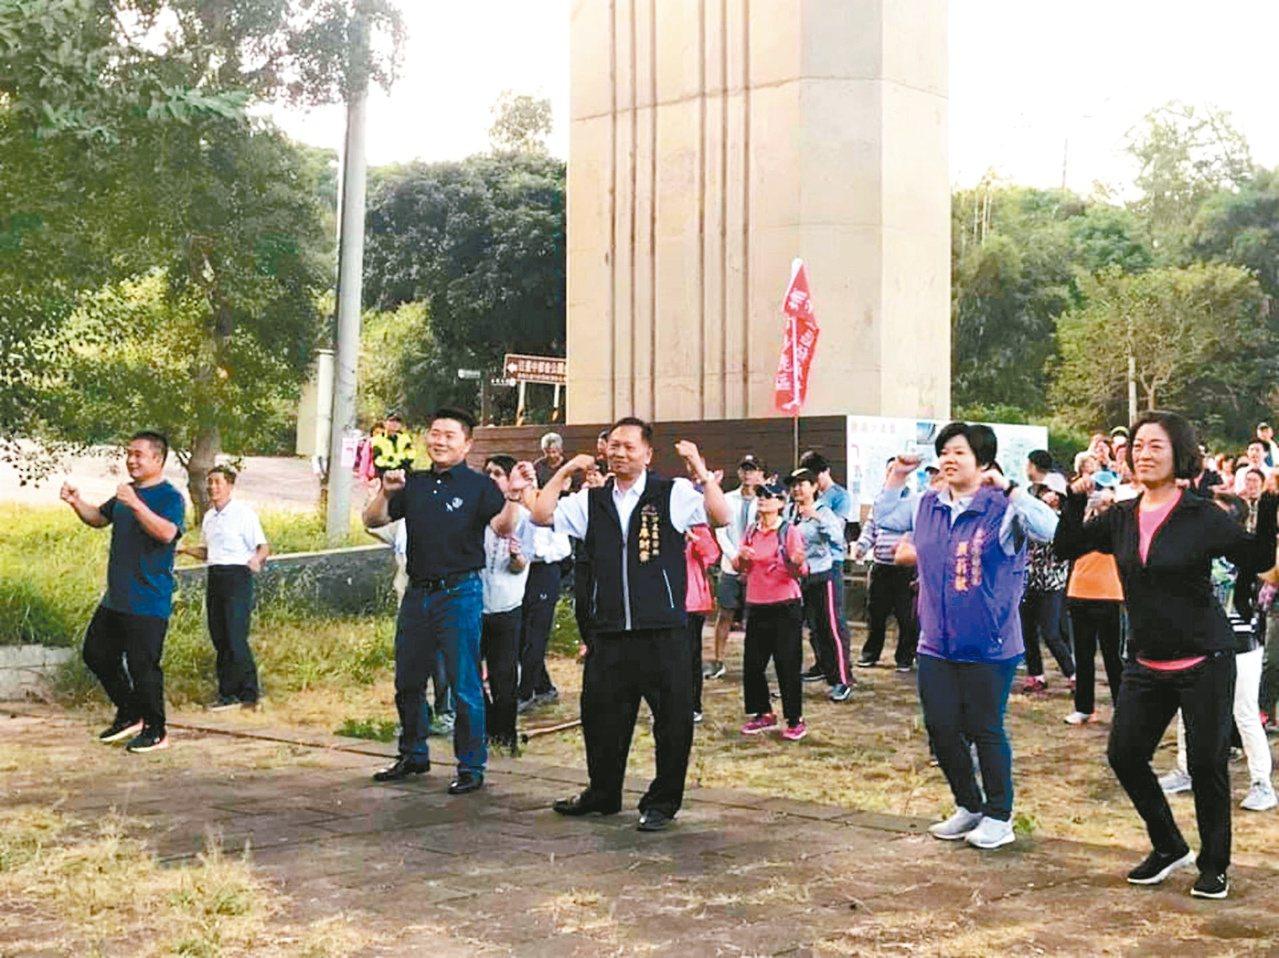 副議長顏莉敏(前排右二)也鼓勵大家多運動保持健康。圖/副議長顏莉敏服務處提供